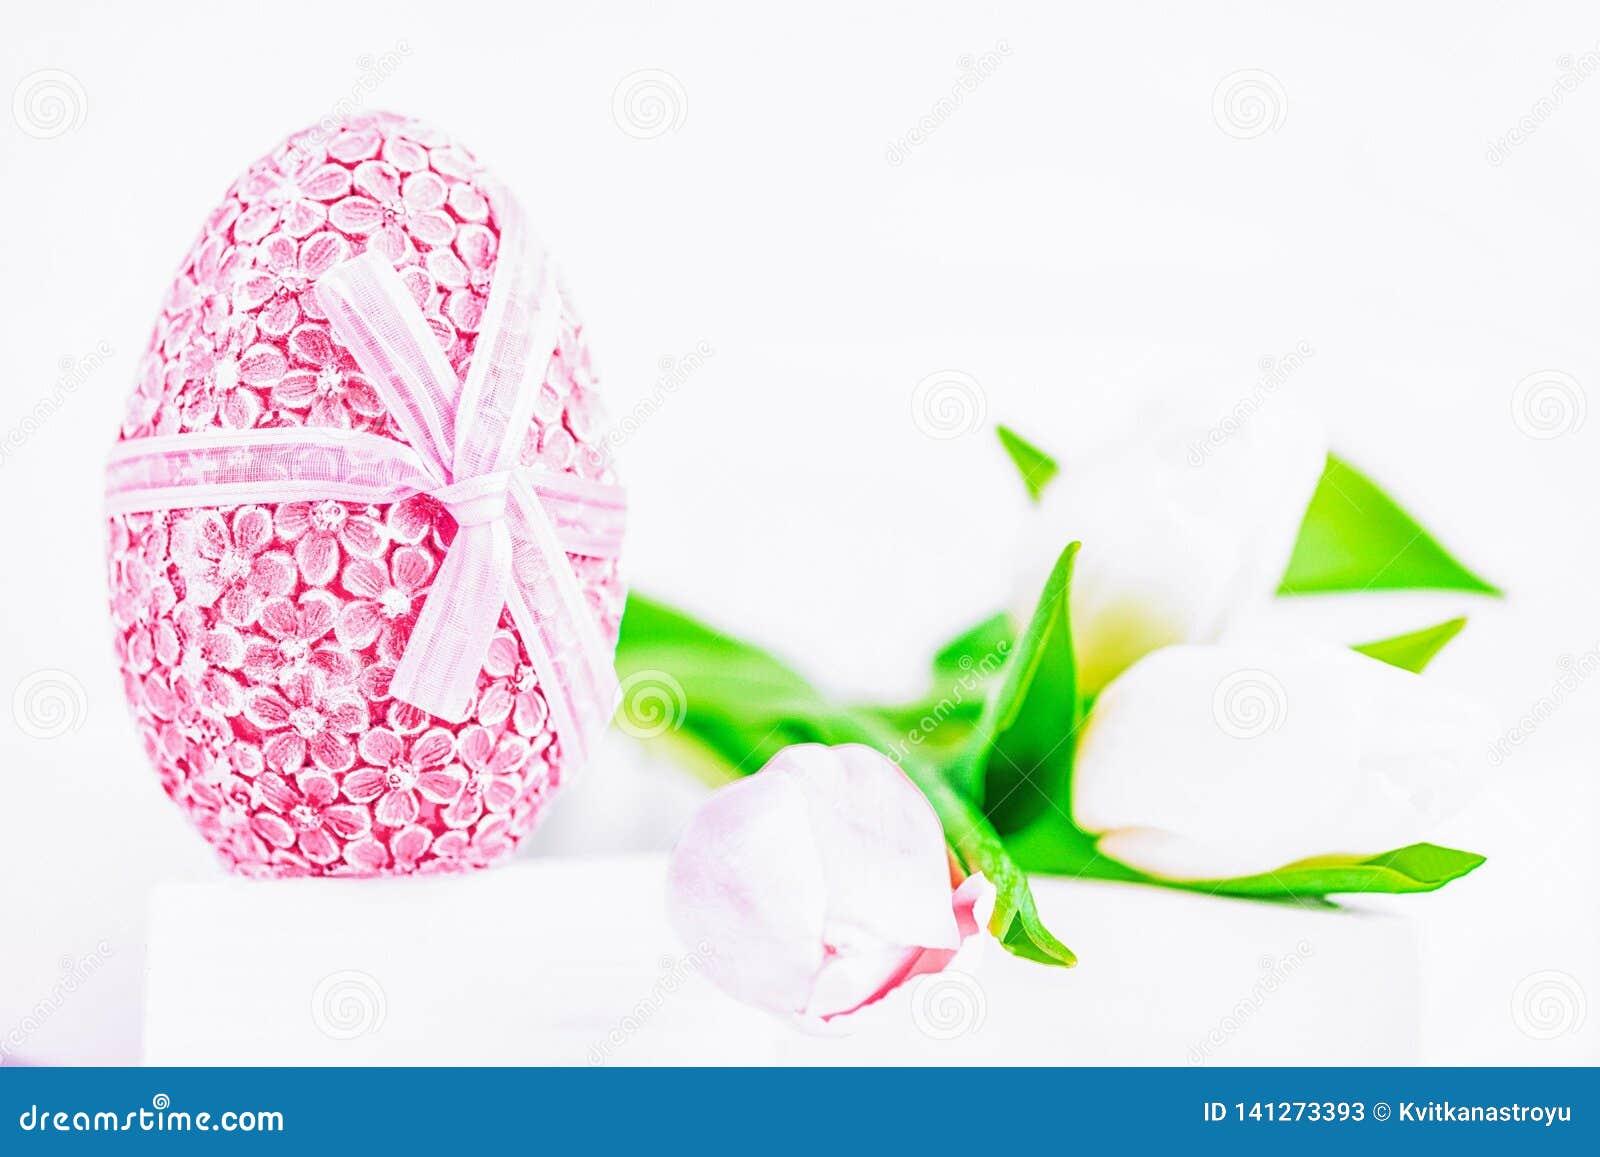 愉快的复活节 复活节蓝色鸡蛋和白色和桃红色郁金香在白色背景